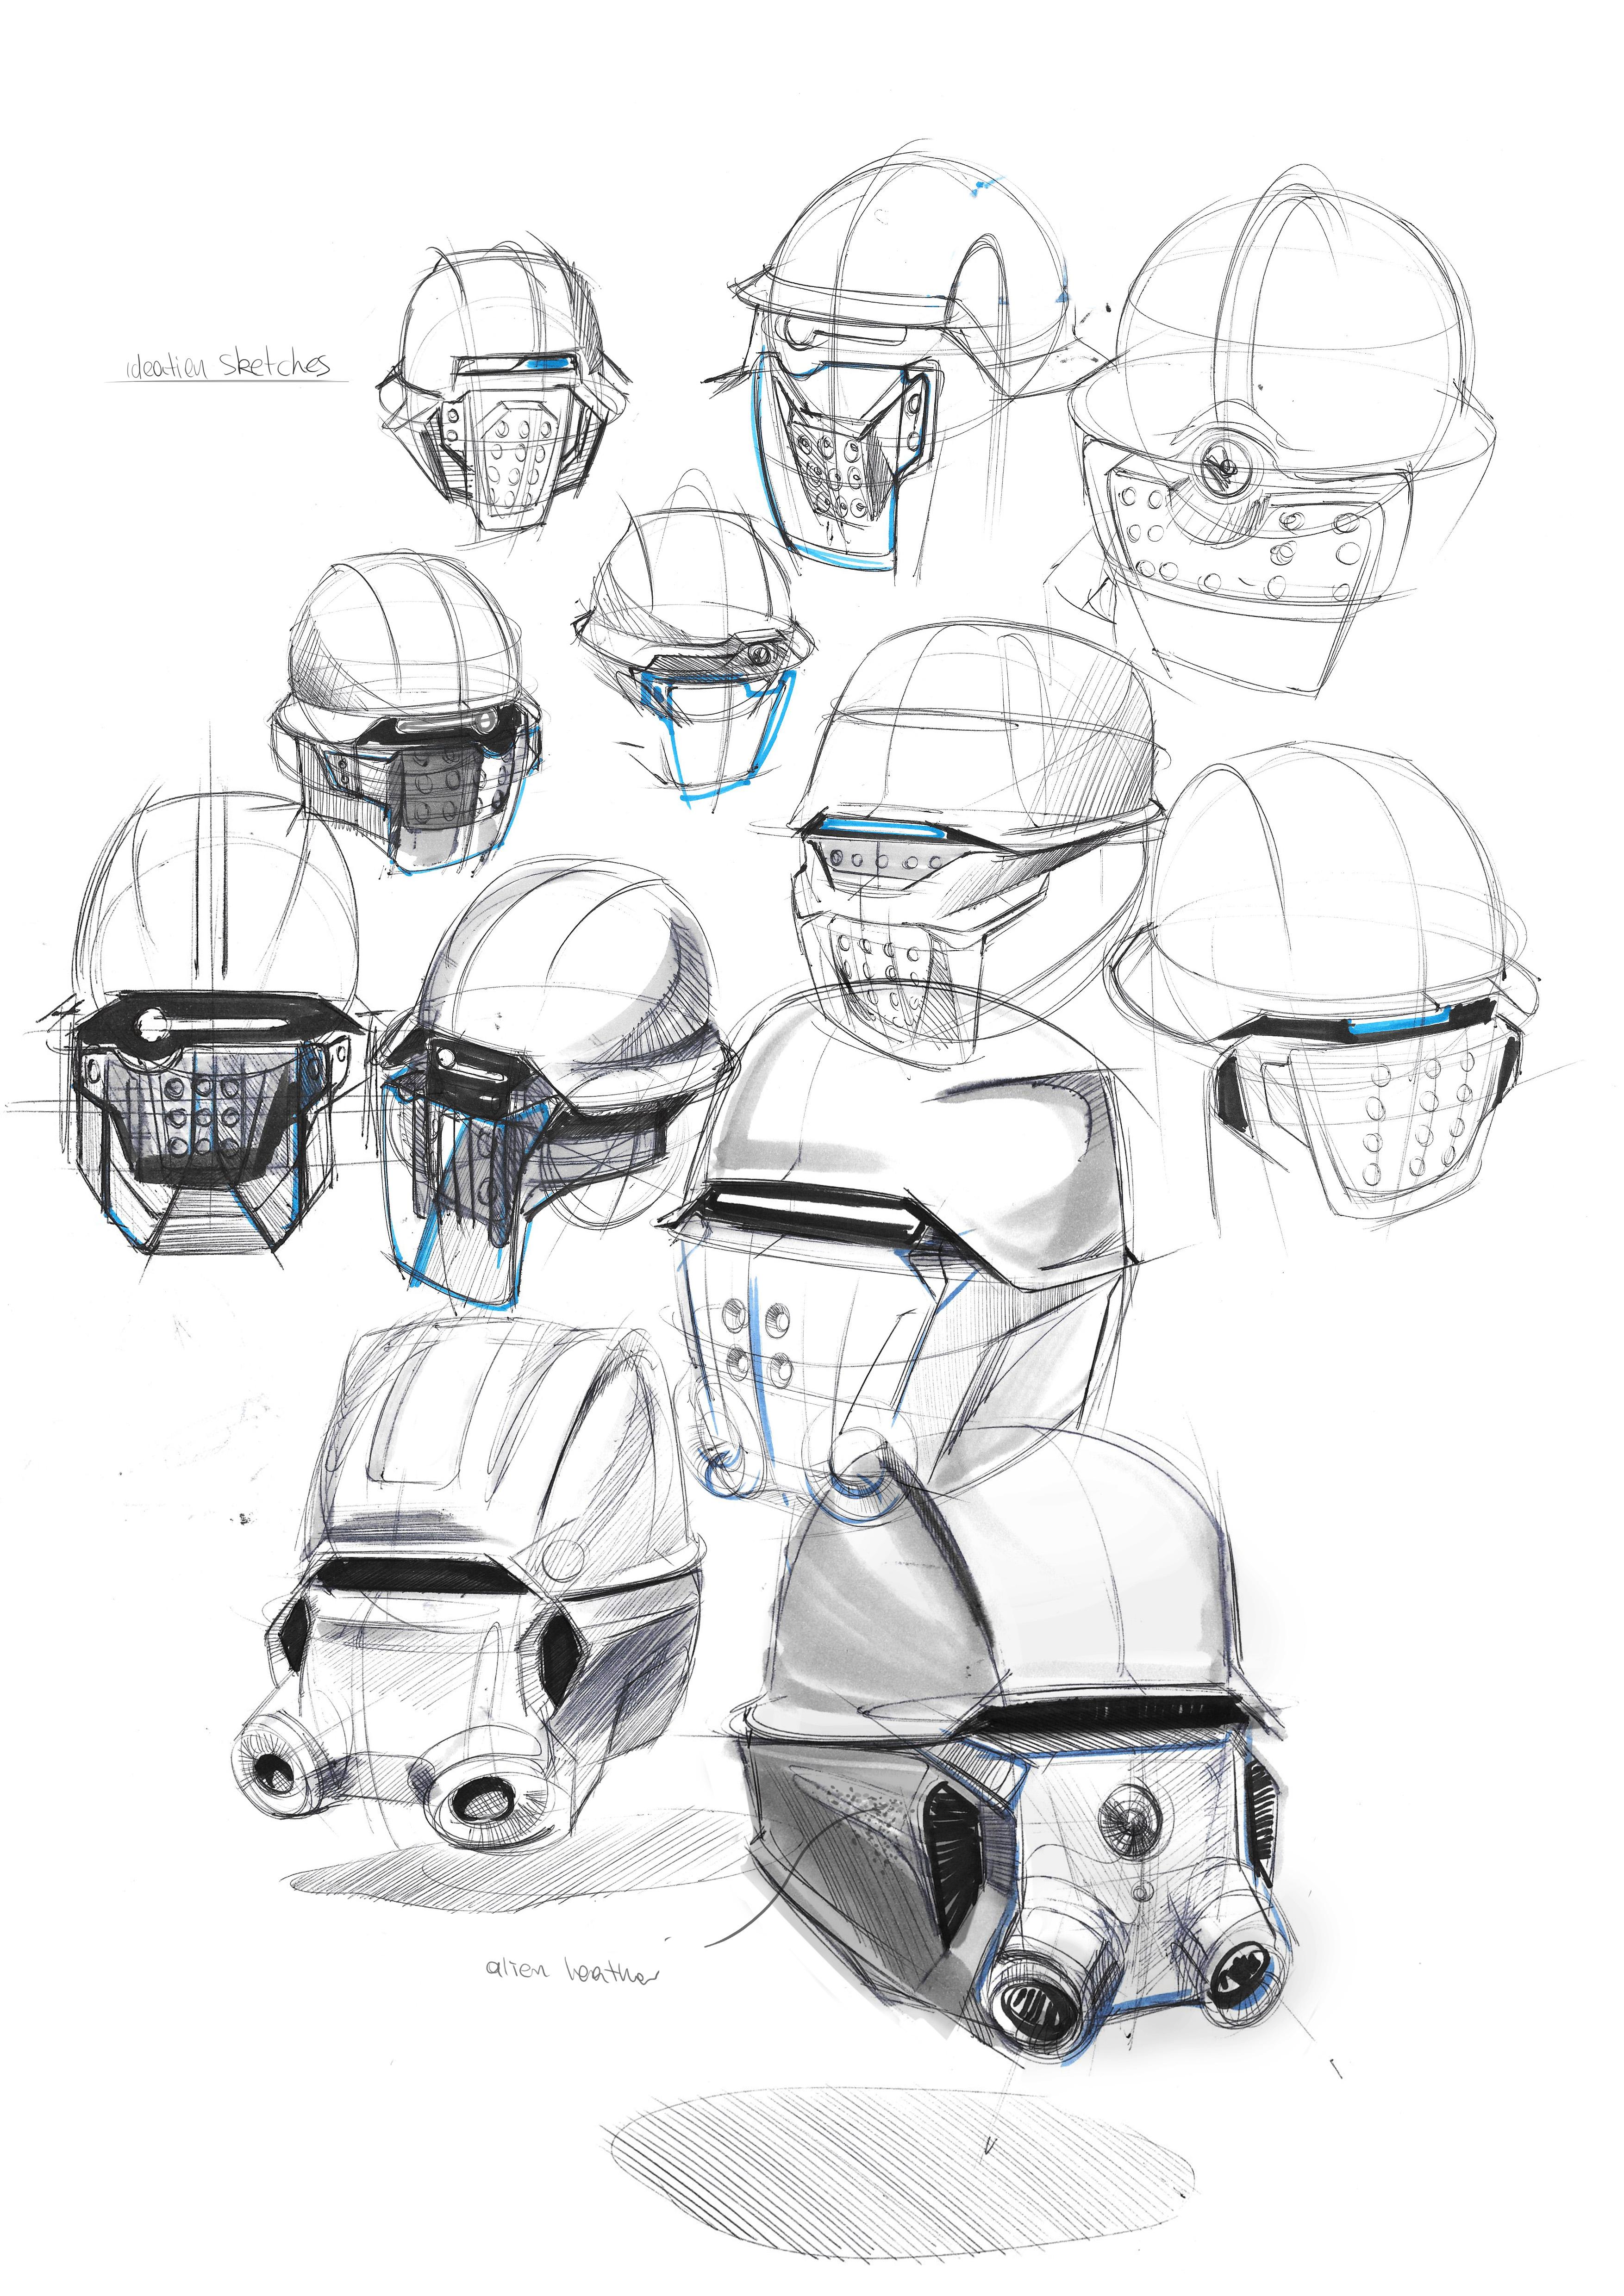 helmet-sketches